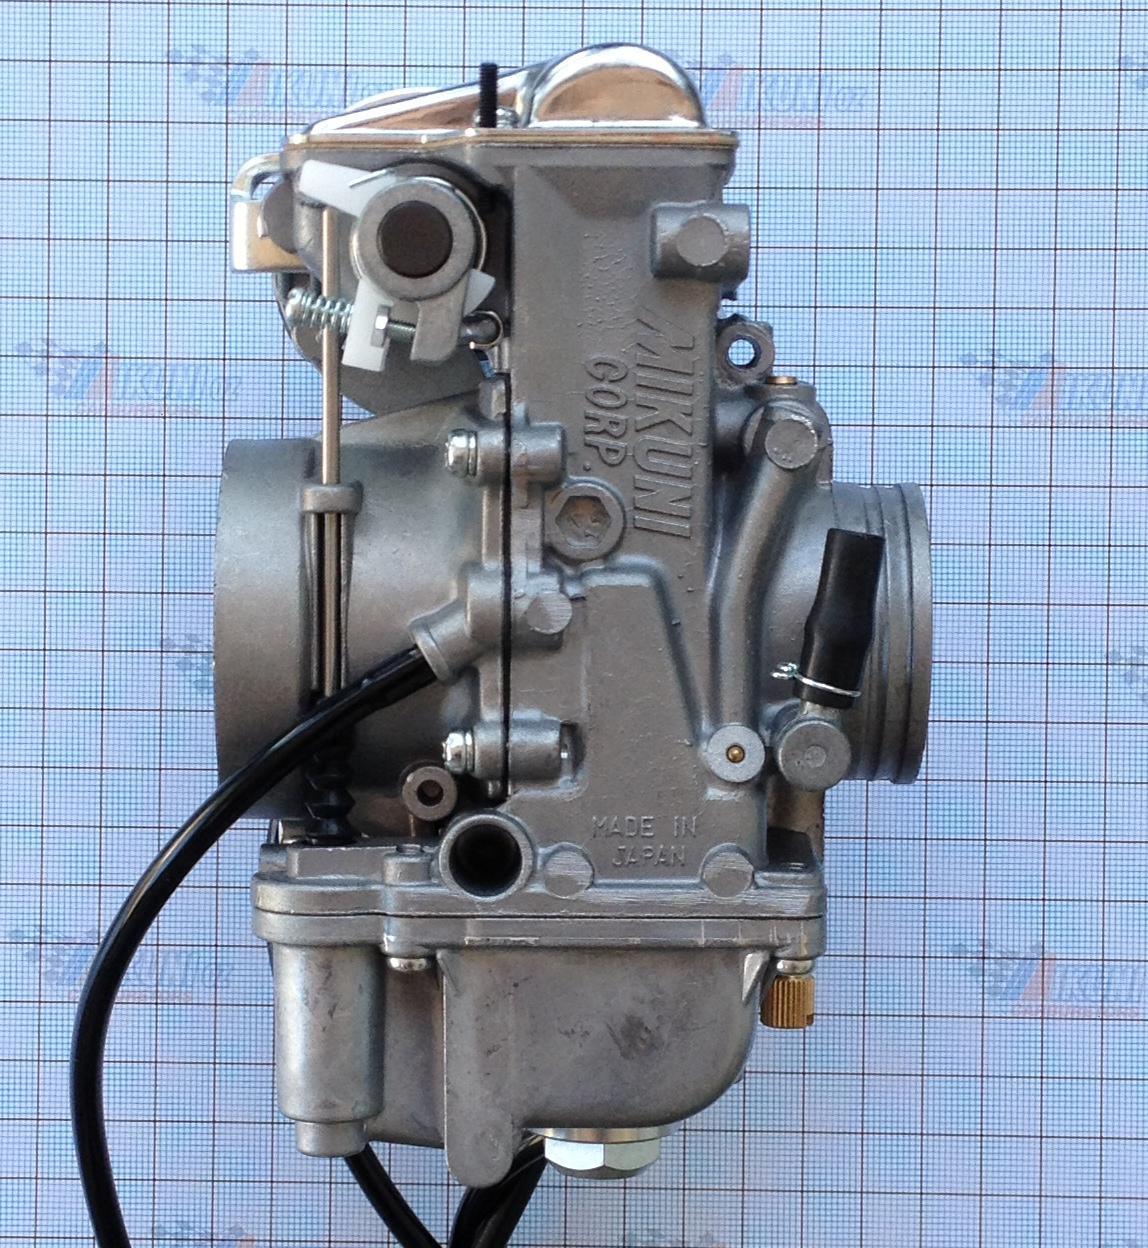 Mikuni Tm 40 Diagram Schematics Wiring Diagrams Pro Carburetor Float Level For Tm33 1 Tm40 6 40mm Flatslide Carb W Accelerator Square Slide